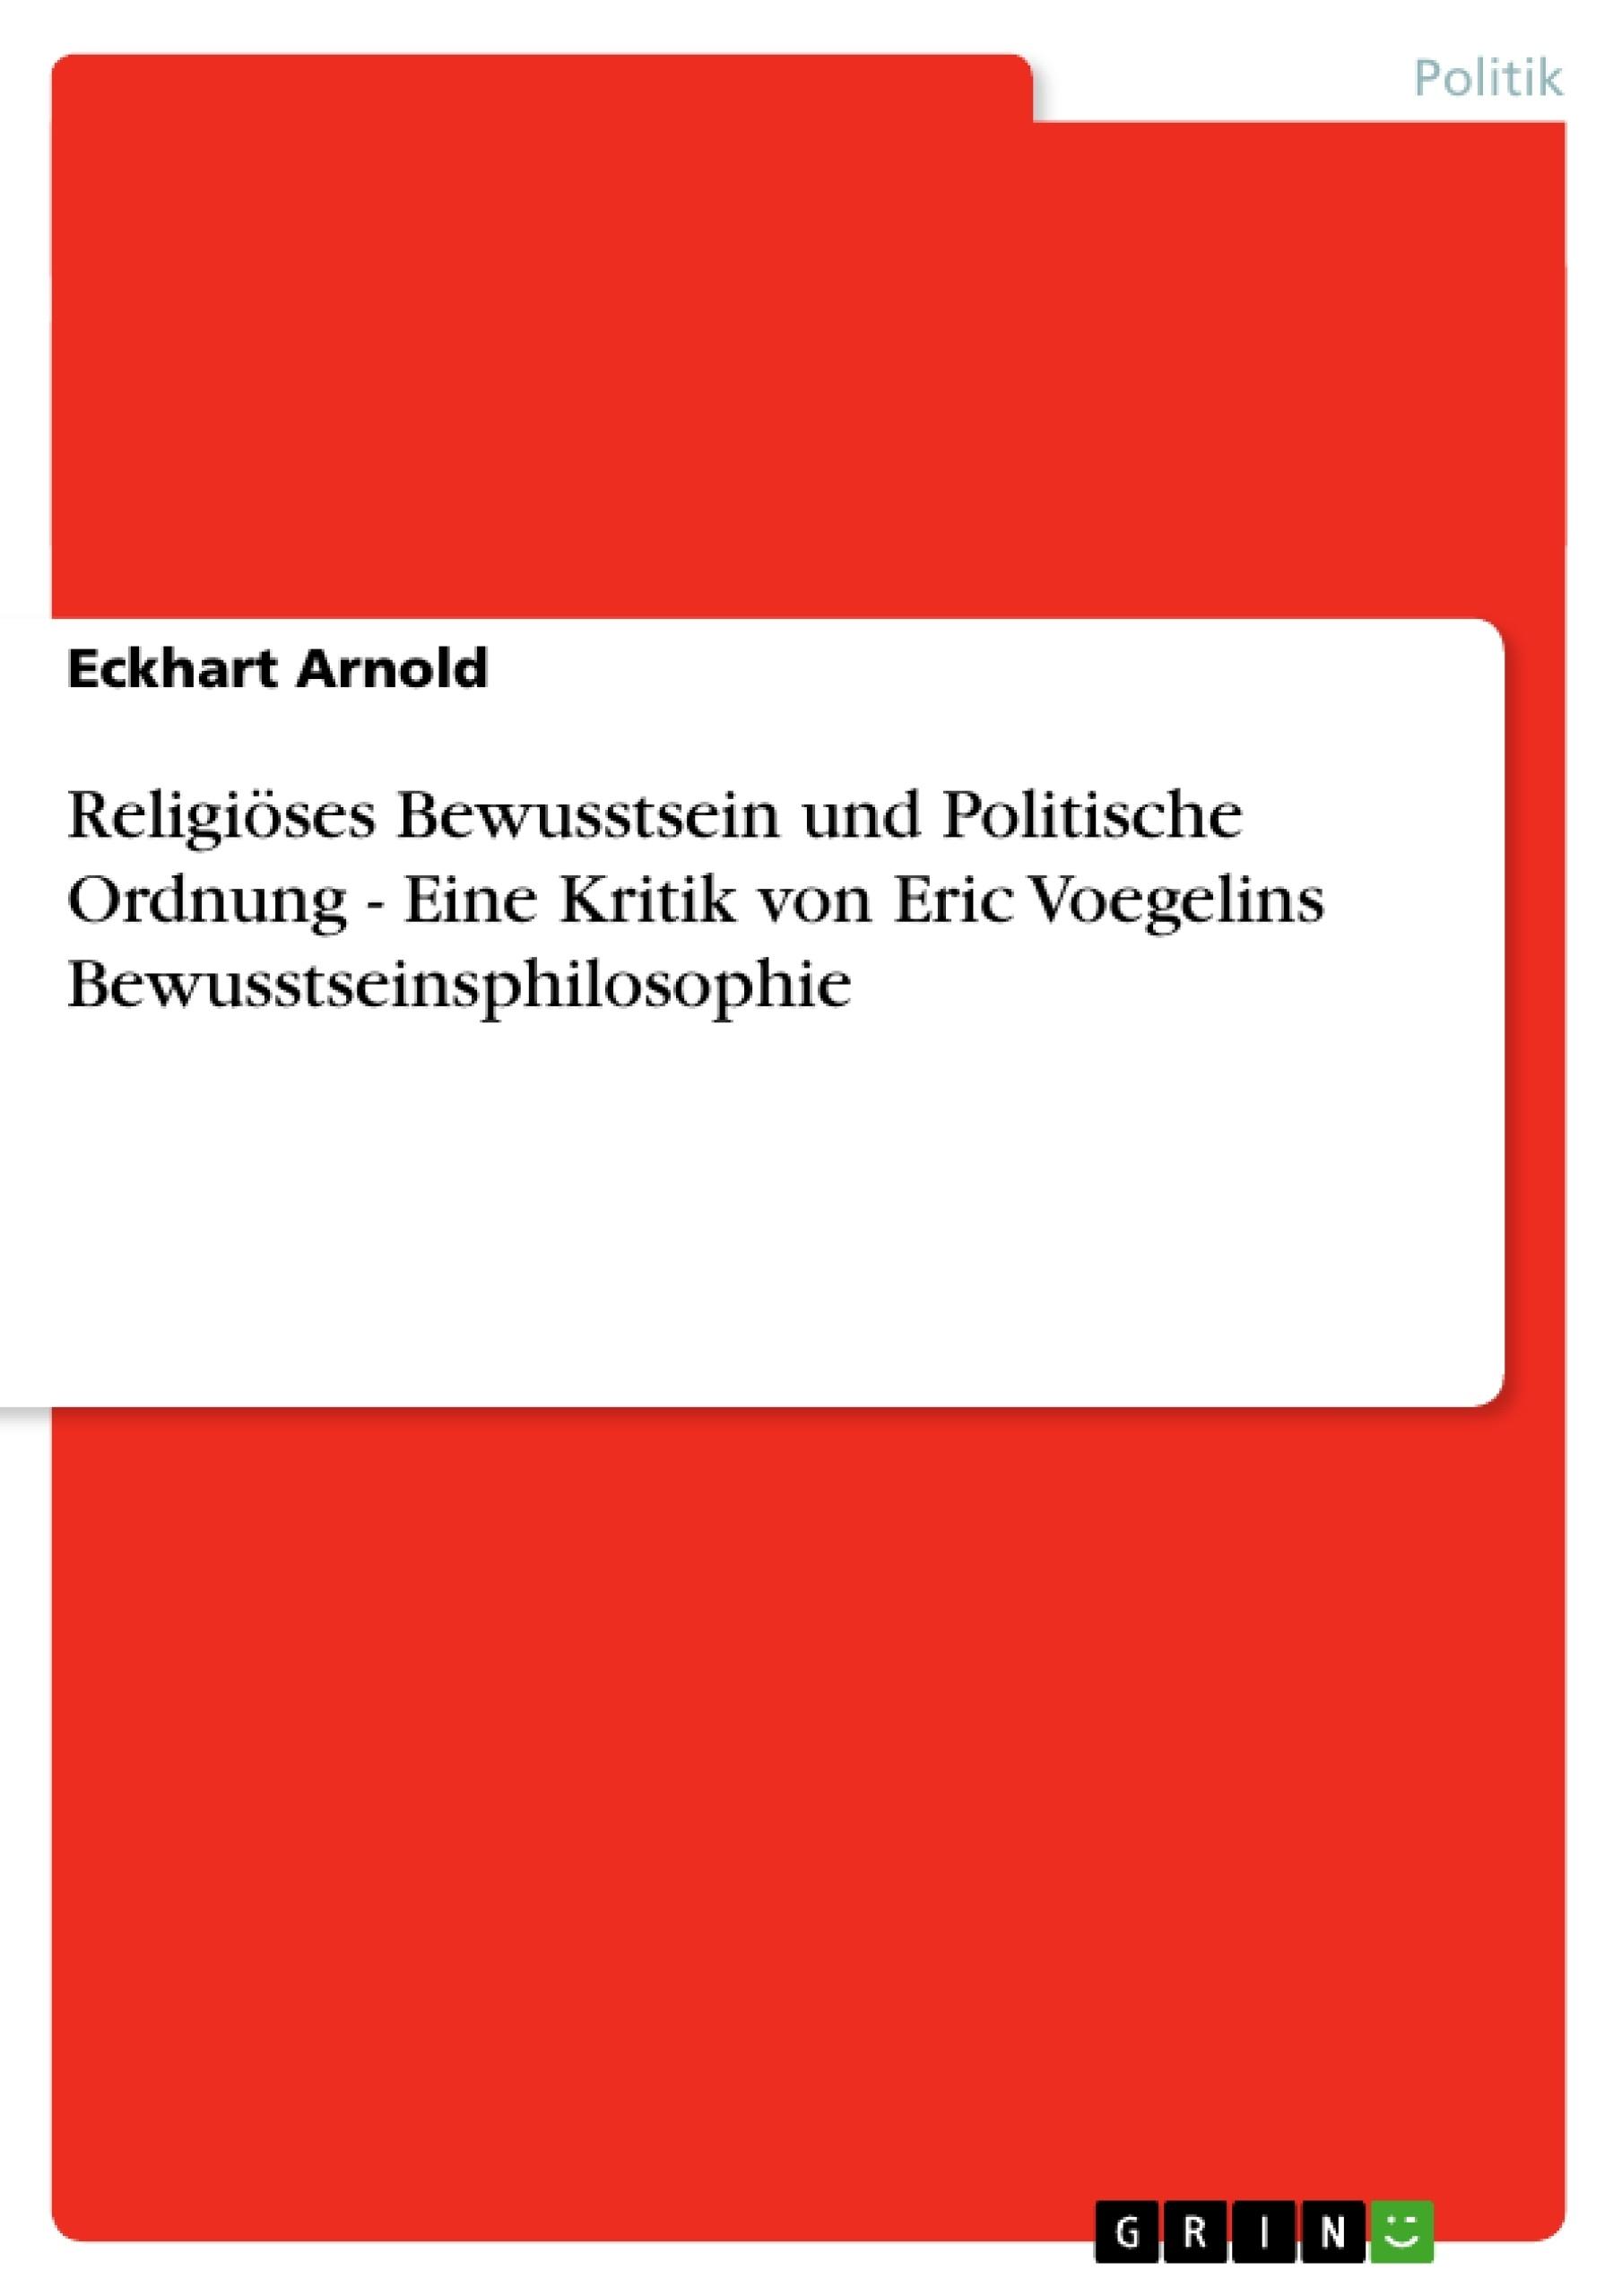 Titel: Religiöses Bewusstsein und Politische Ordnung - Eine Kritik von Eric Voegelins Bewusstseinsphilosophie